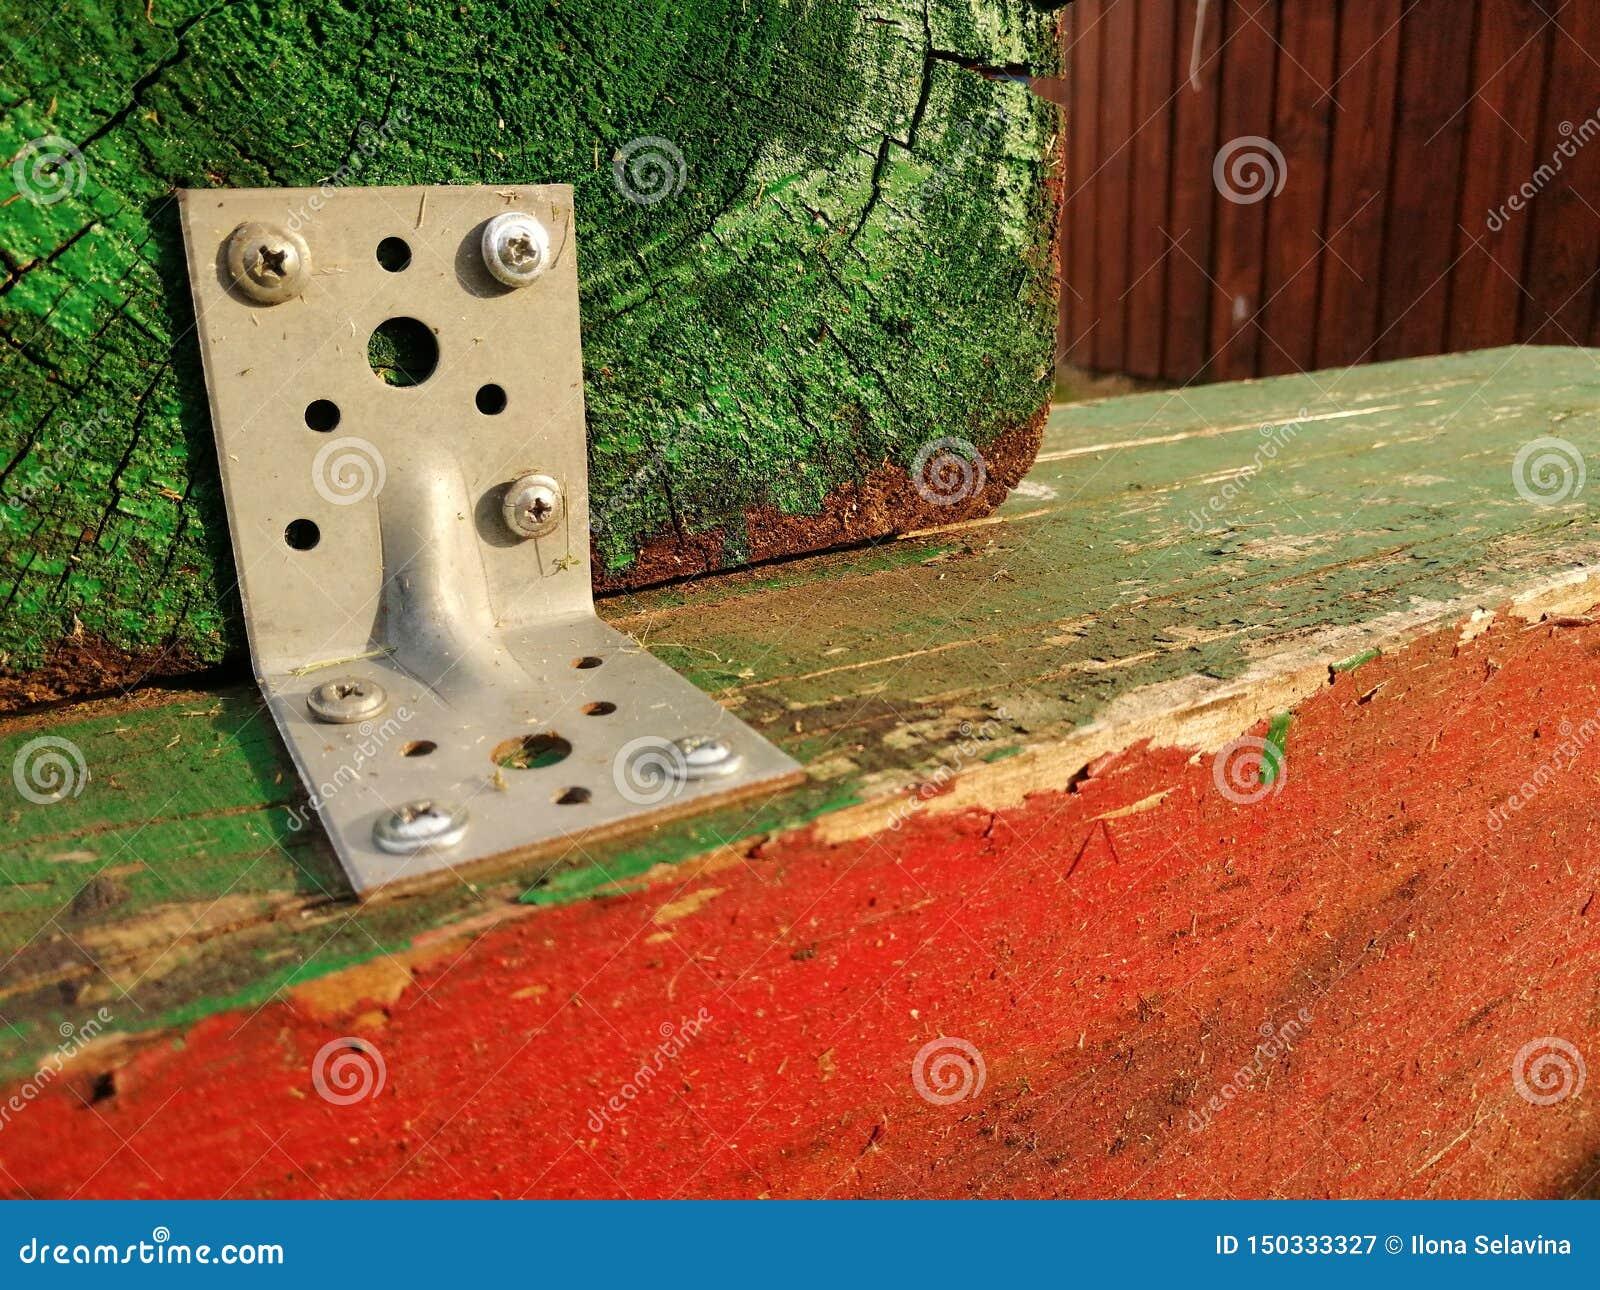 Οι ξύλινες καθυστερήσεις στερεώνουν τα μαζί χρωματισμένα πράσινα και κόκκινα στοιχεία οικοδόμησης